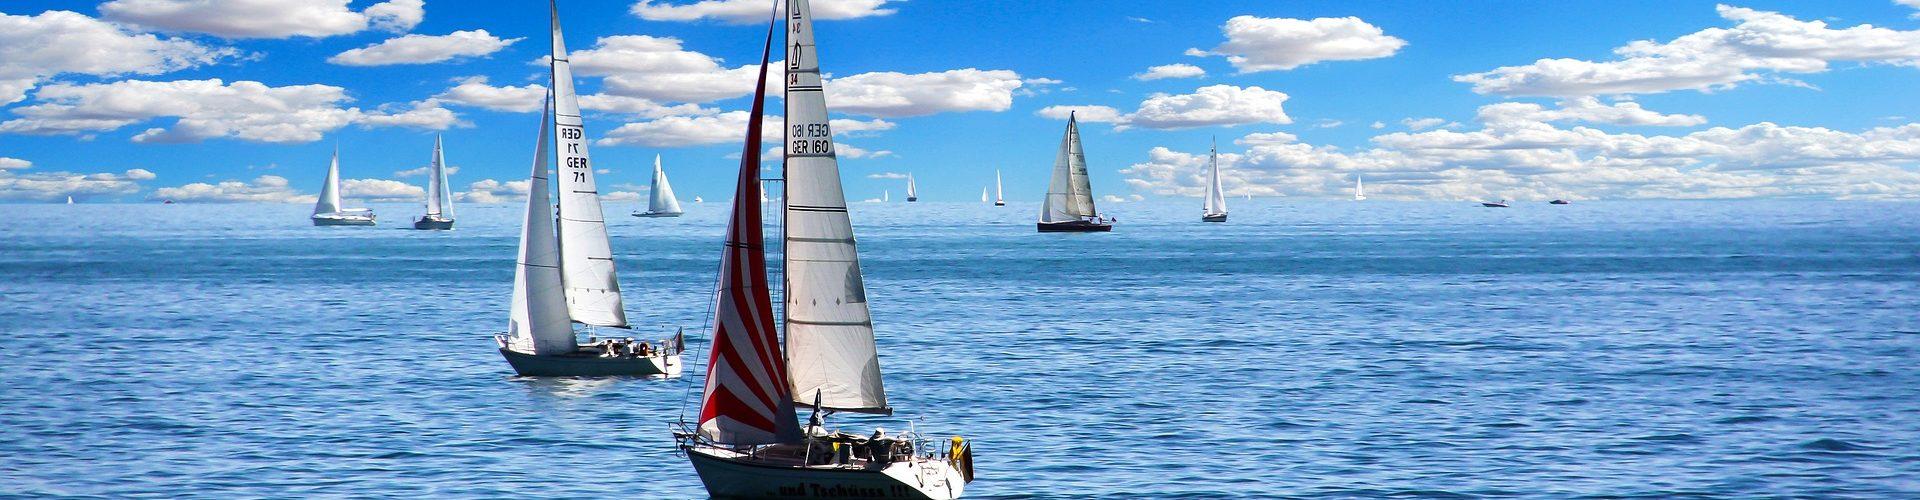 segeln lernen in Stadtlohn segelschein machen in Stadtlohn 1920x500 - Segeln lernen in Stadtlohn